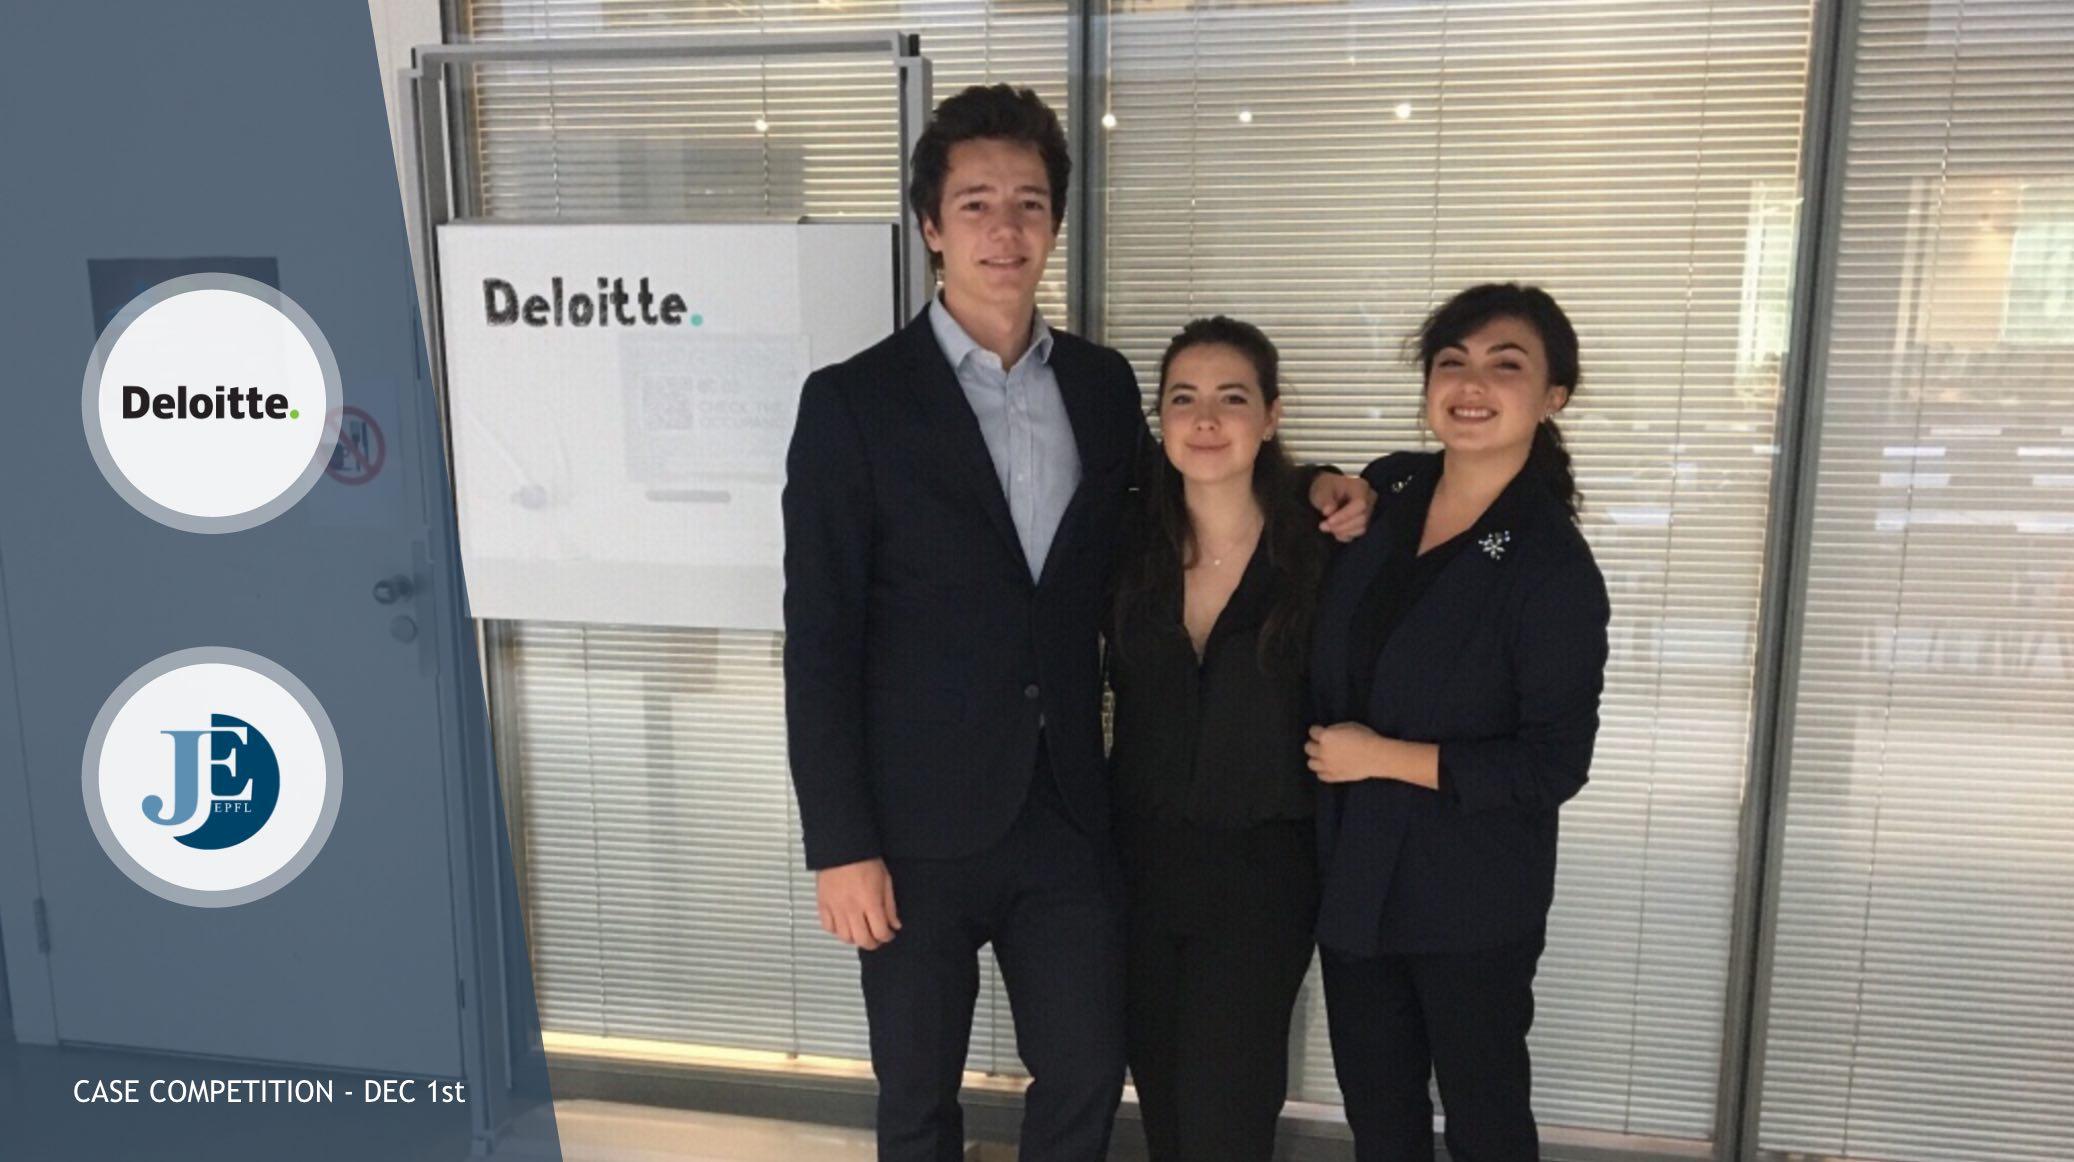 Deloitte Business Case Championship - Résultats